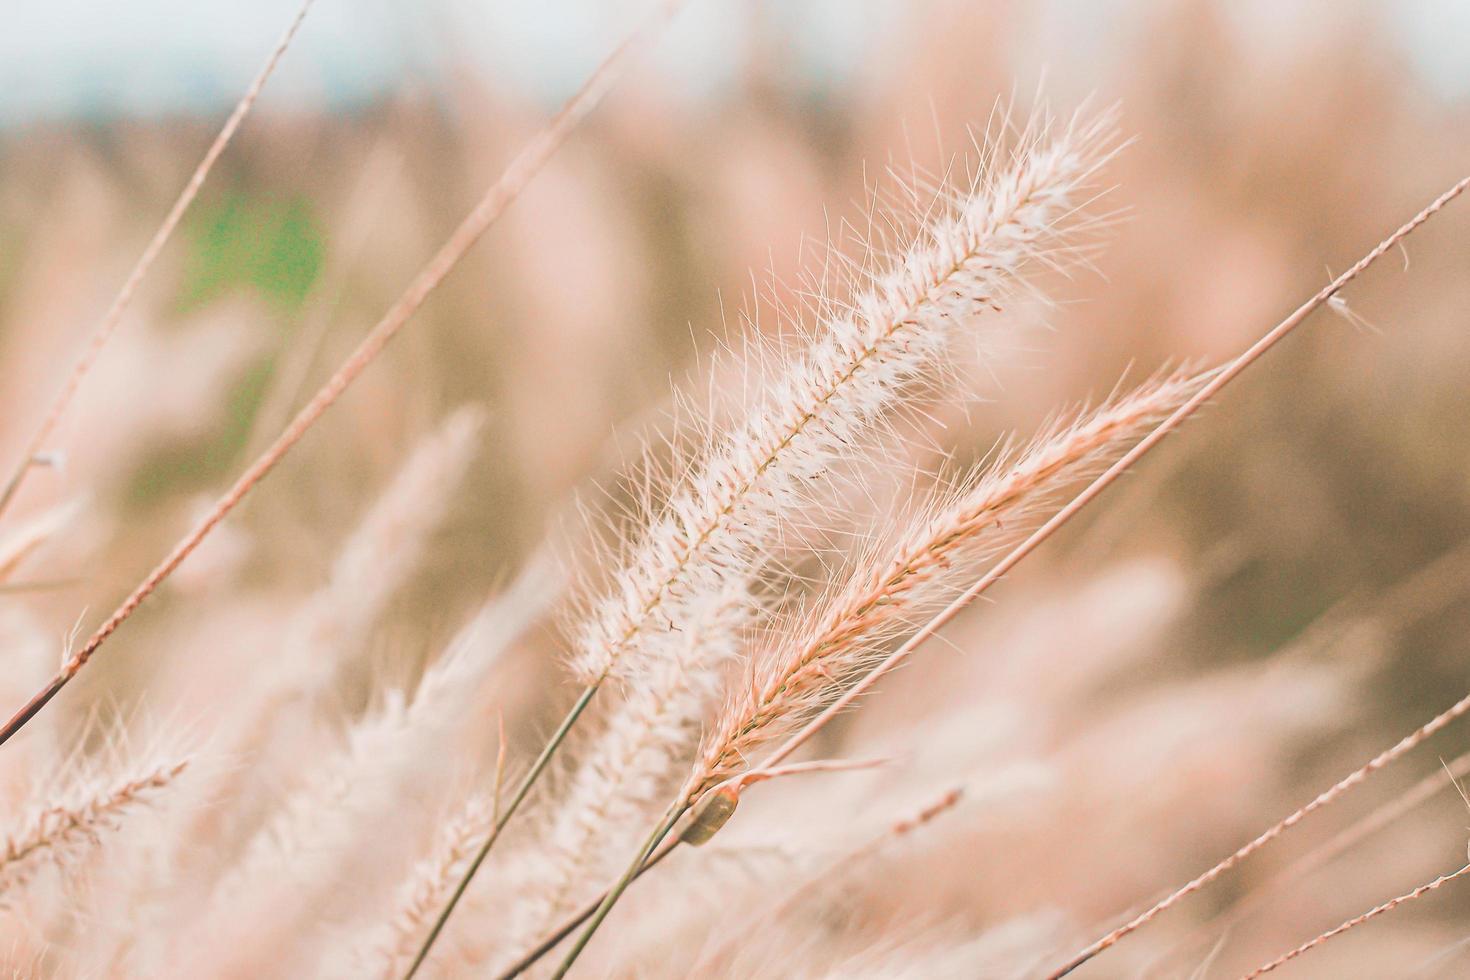 wild gras bloemen veld met vintage toon foto